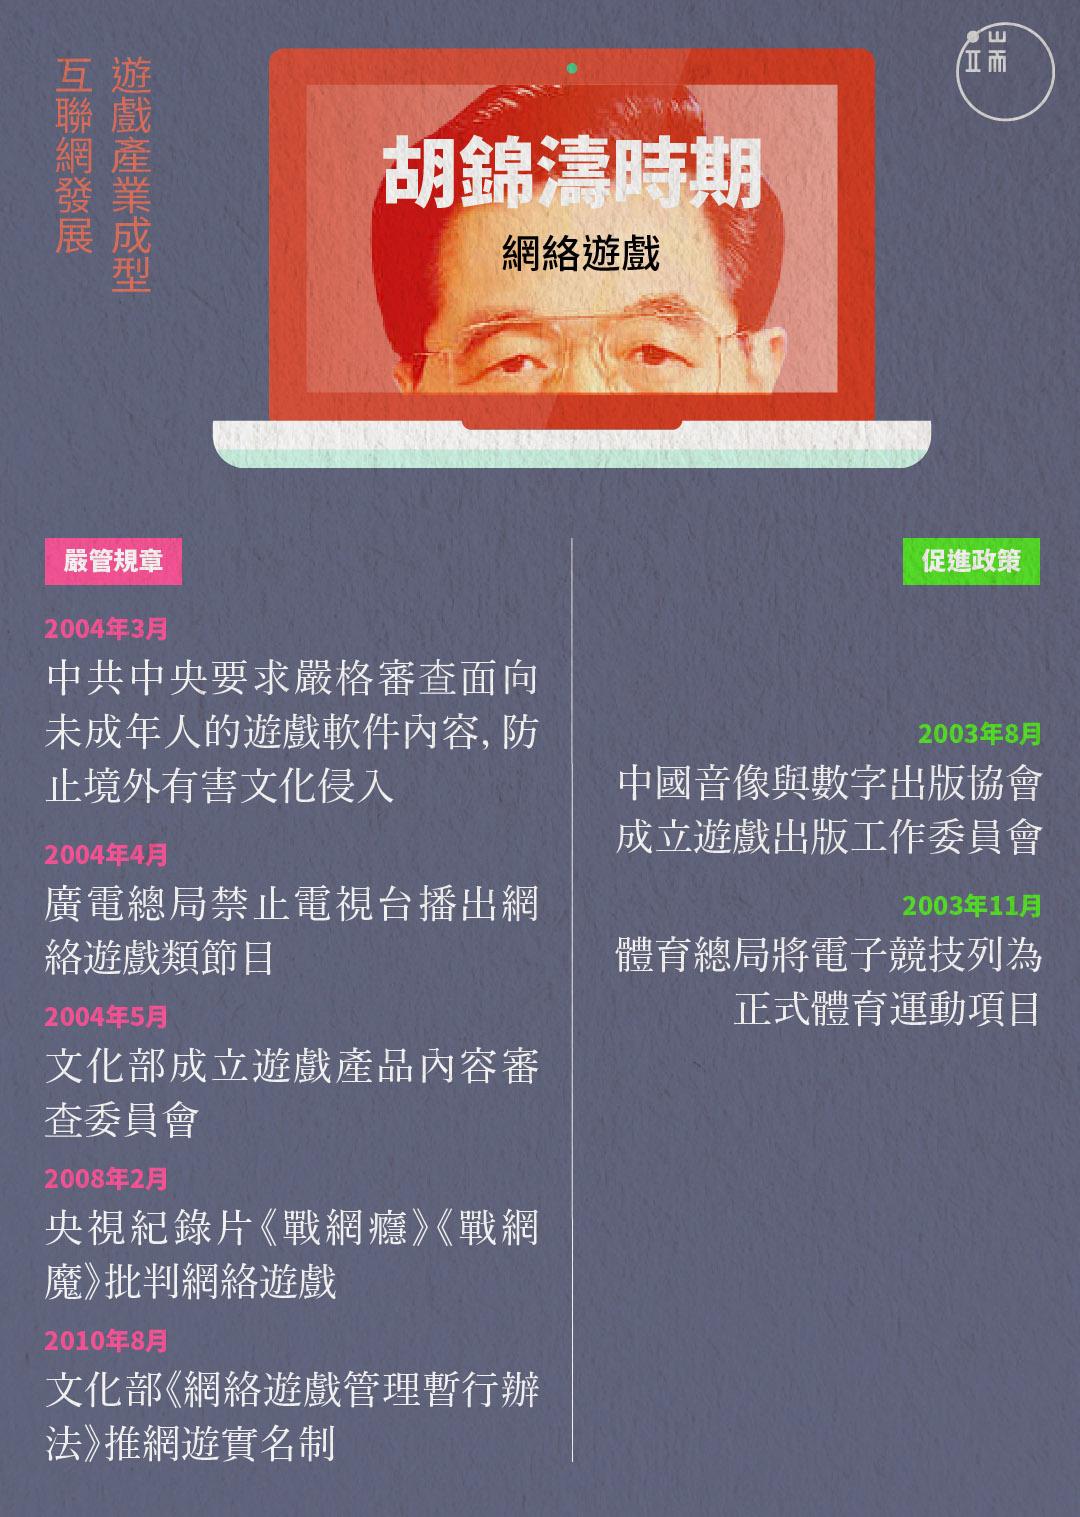 胡錦濤時期對於中國遊戲的嚴管規章和促進政策。